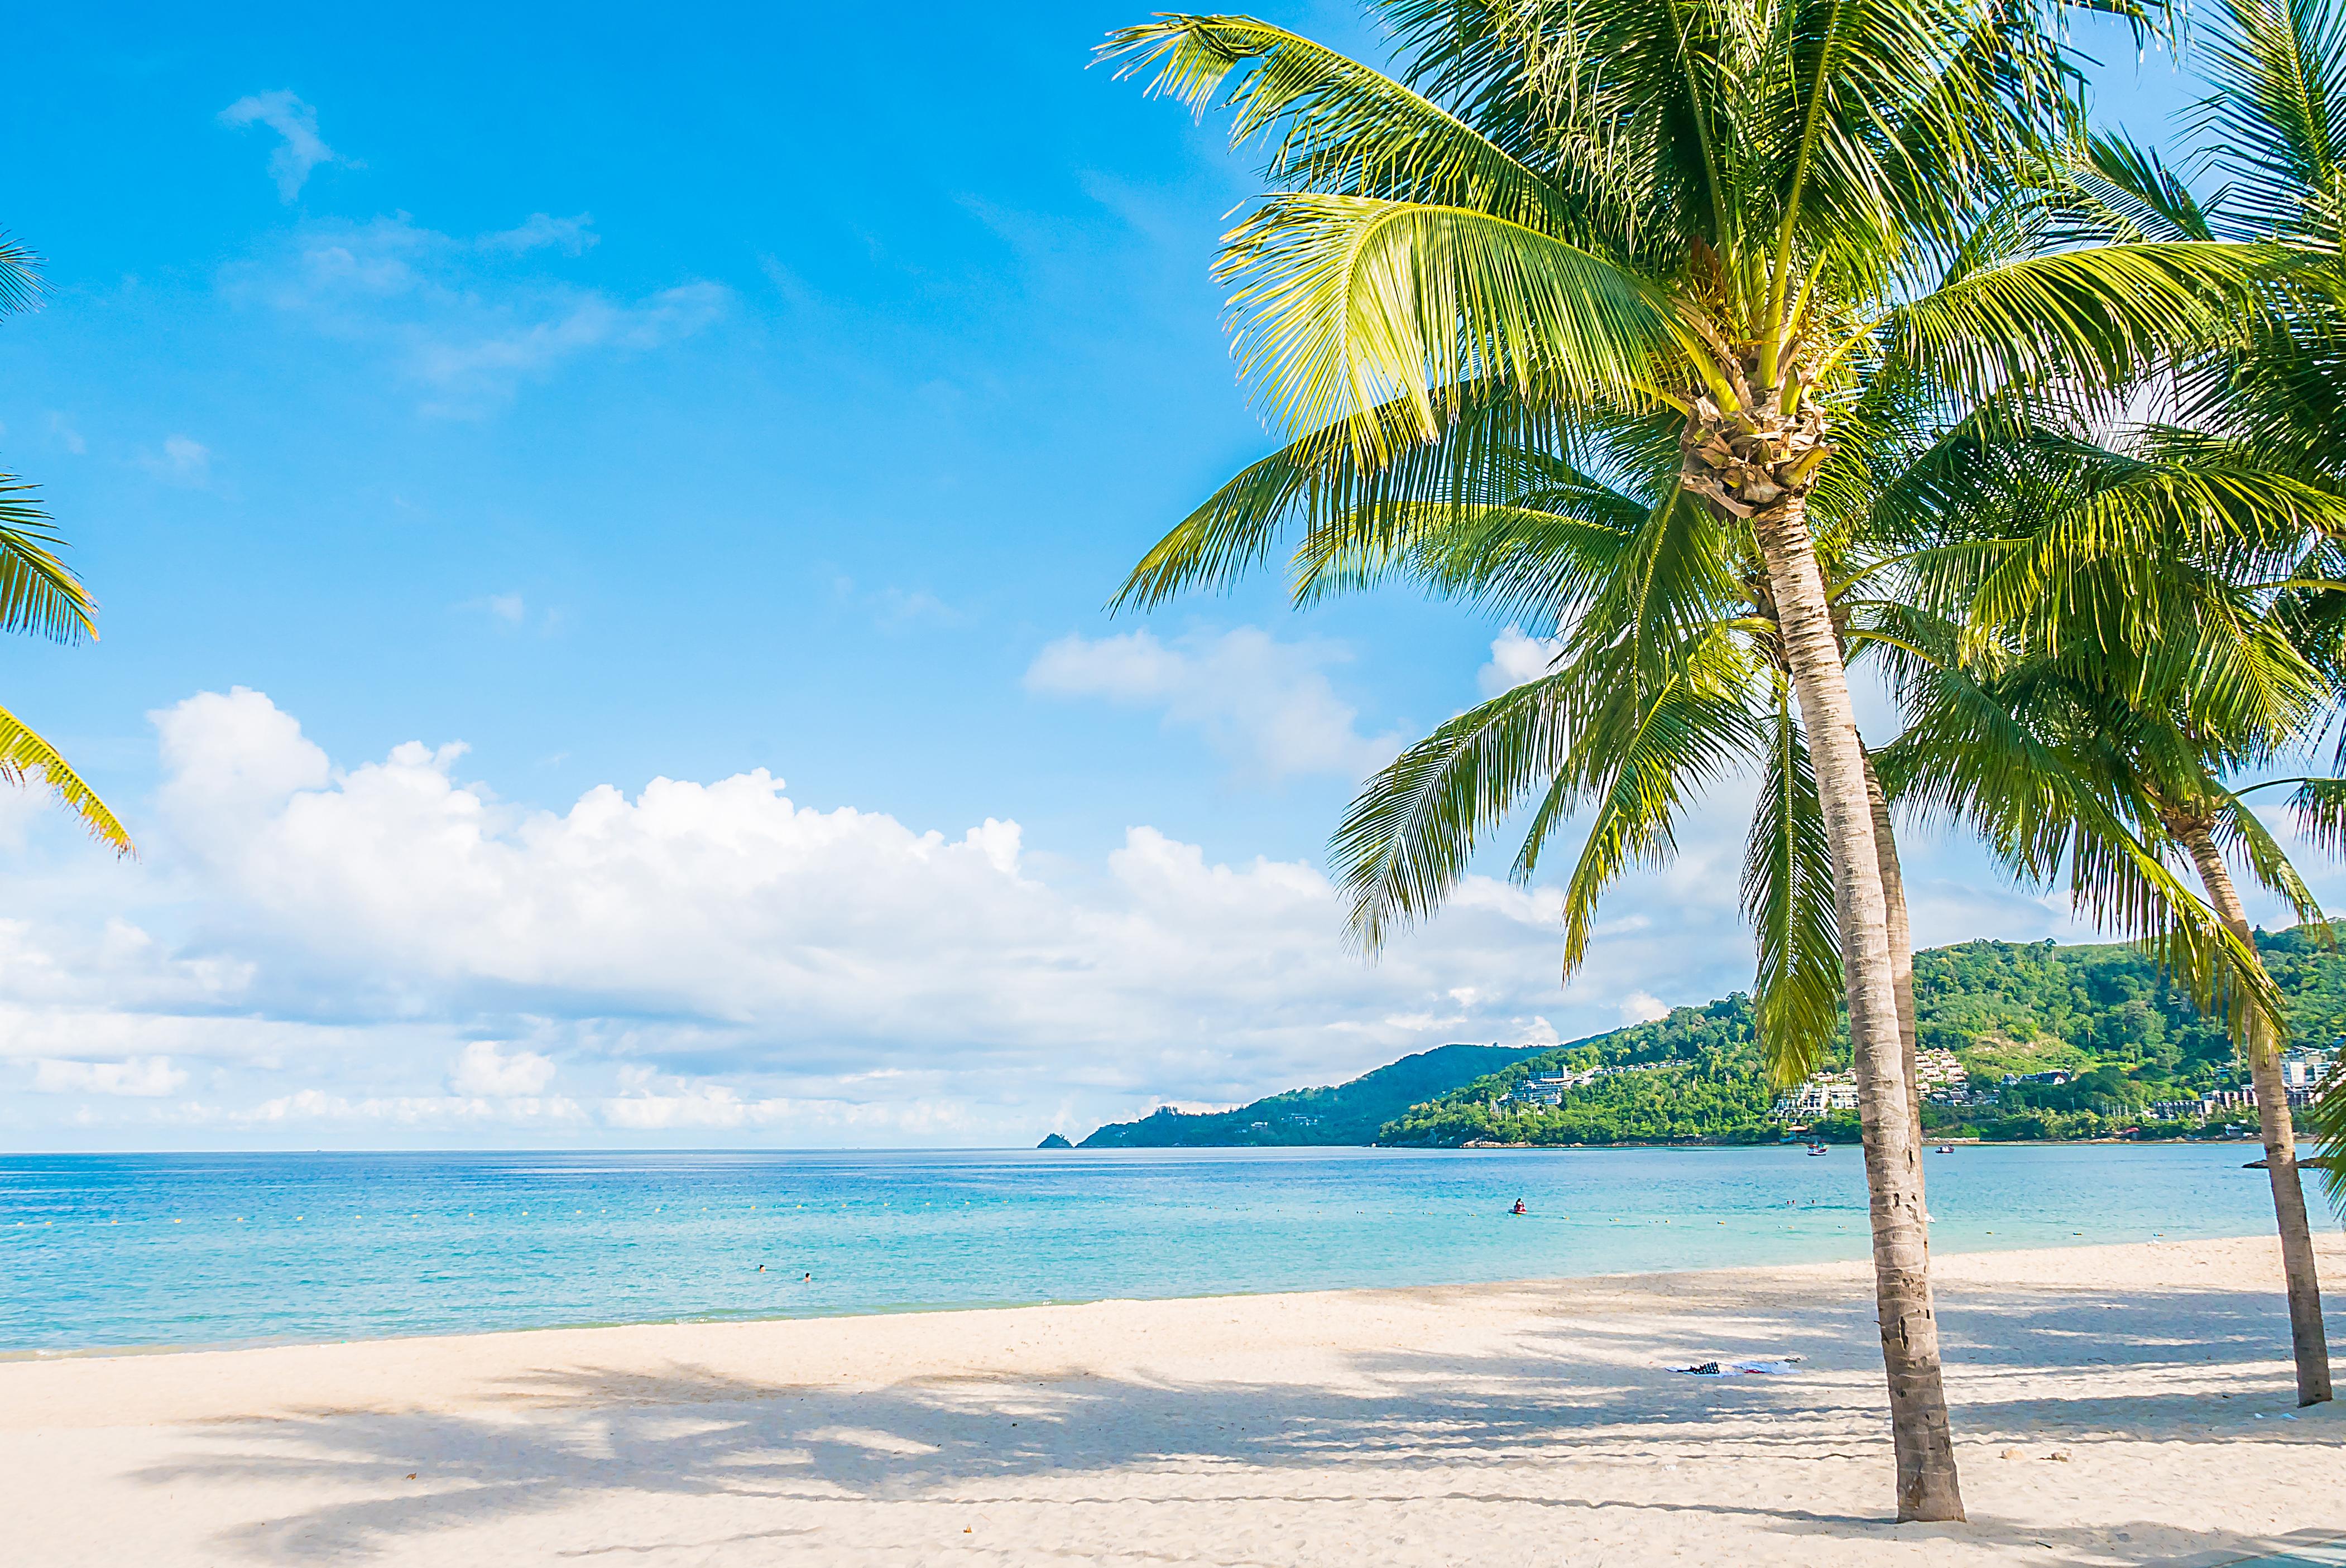 Sale una playa tropical para representar qué imágenes no debes utilizar en tu curriculum.